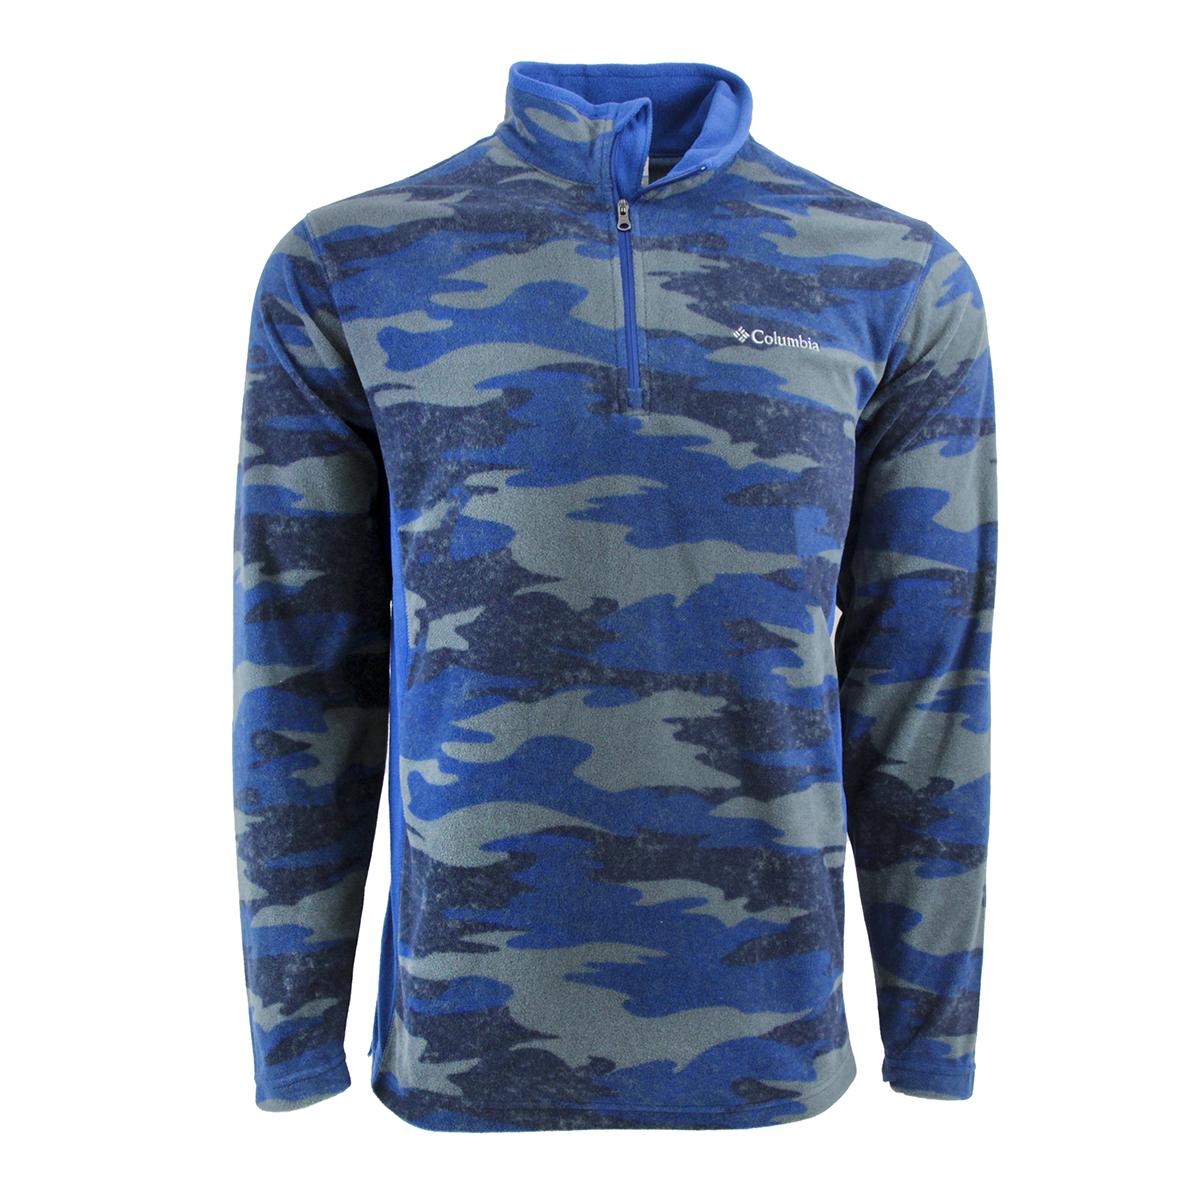 Columbia-Men-039-s-Pine-Ridge-Half-Zip-Fleece